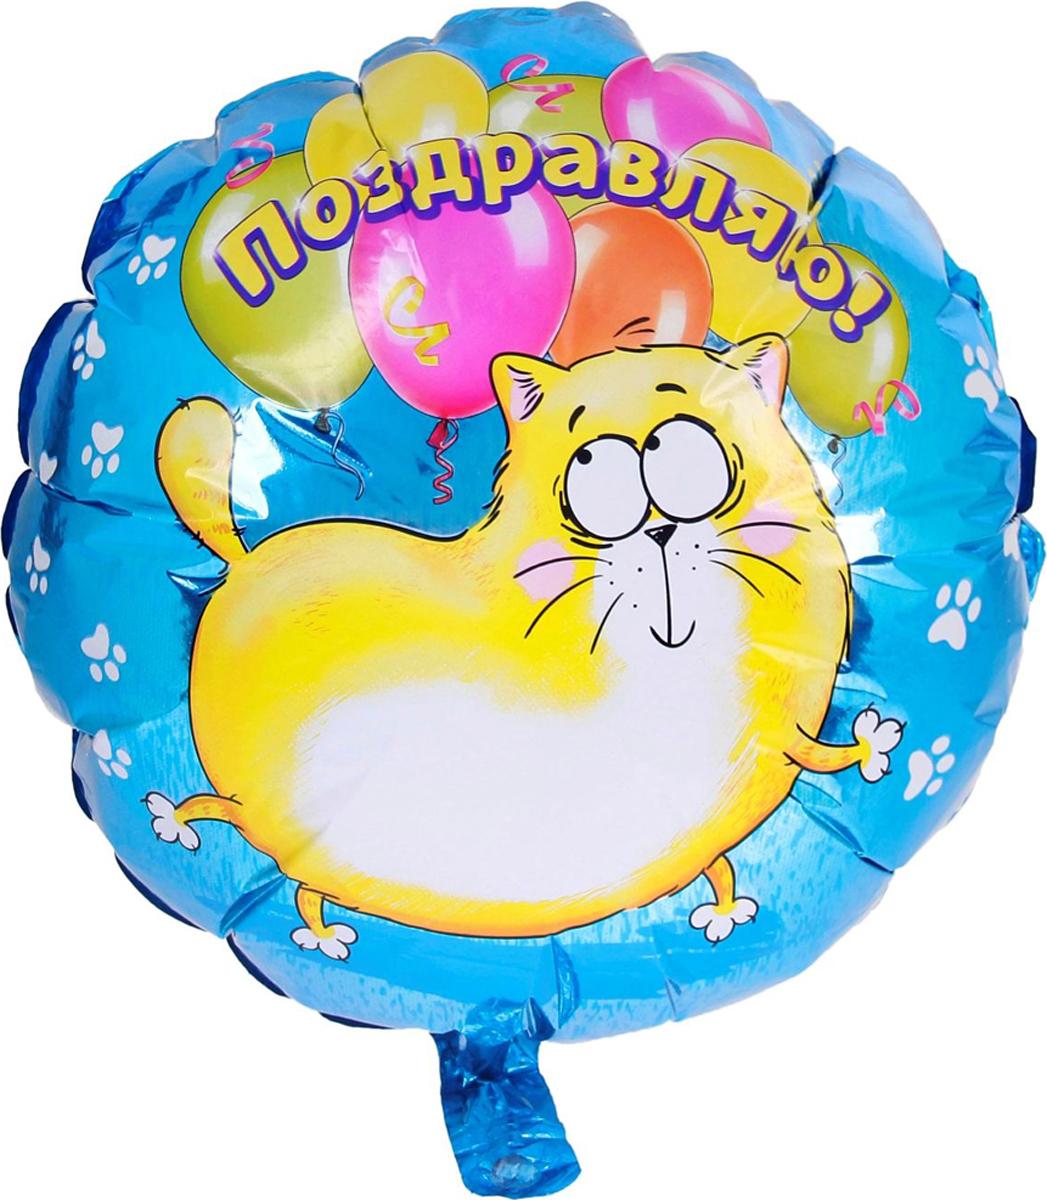 Страна Карнавалия Шар фольгированный Поздравляю Котэ Круг 18 дюймов 48260 страна карнавалия шар фольгированный поздравляем круг 18 дюймов 332966